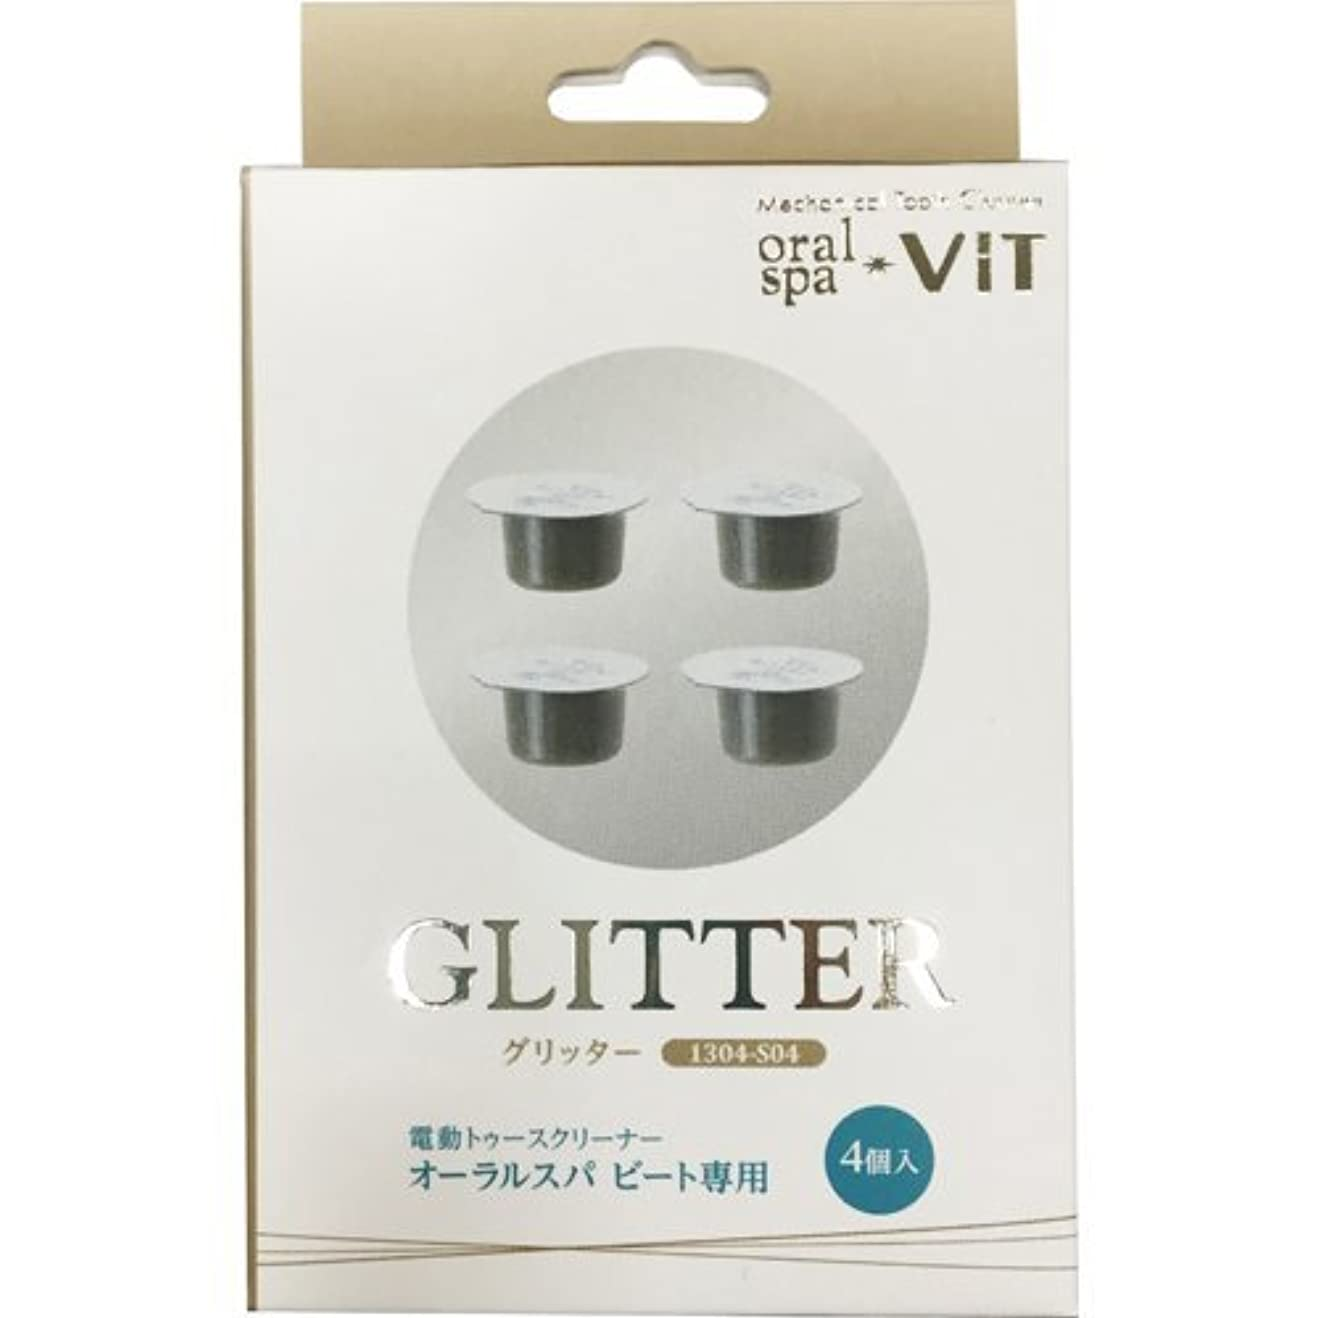 空洞不注意債務電動トゥースクリーナー oral spa VIT(オーラルスパビート)専用グリッター スペアミント 4個入